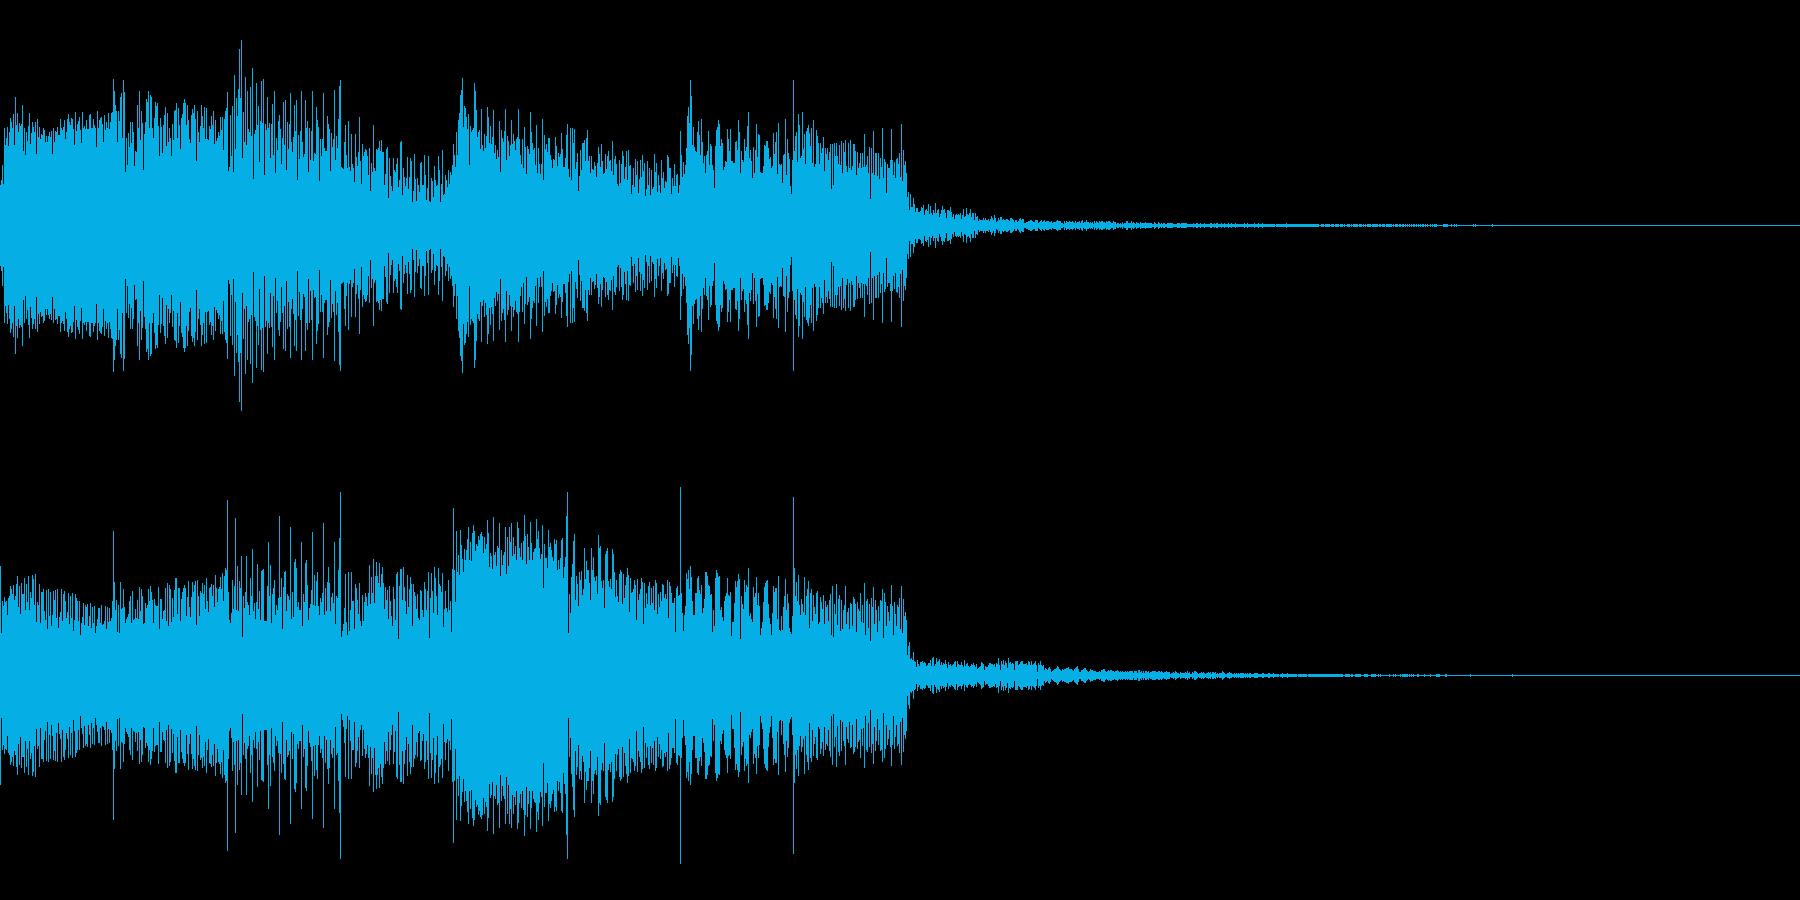 特殊シンボル払い出し音の再生済みの波形